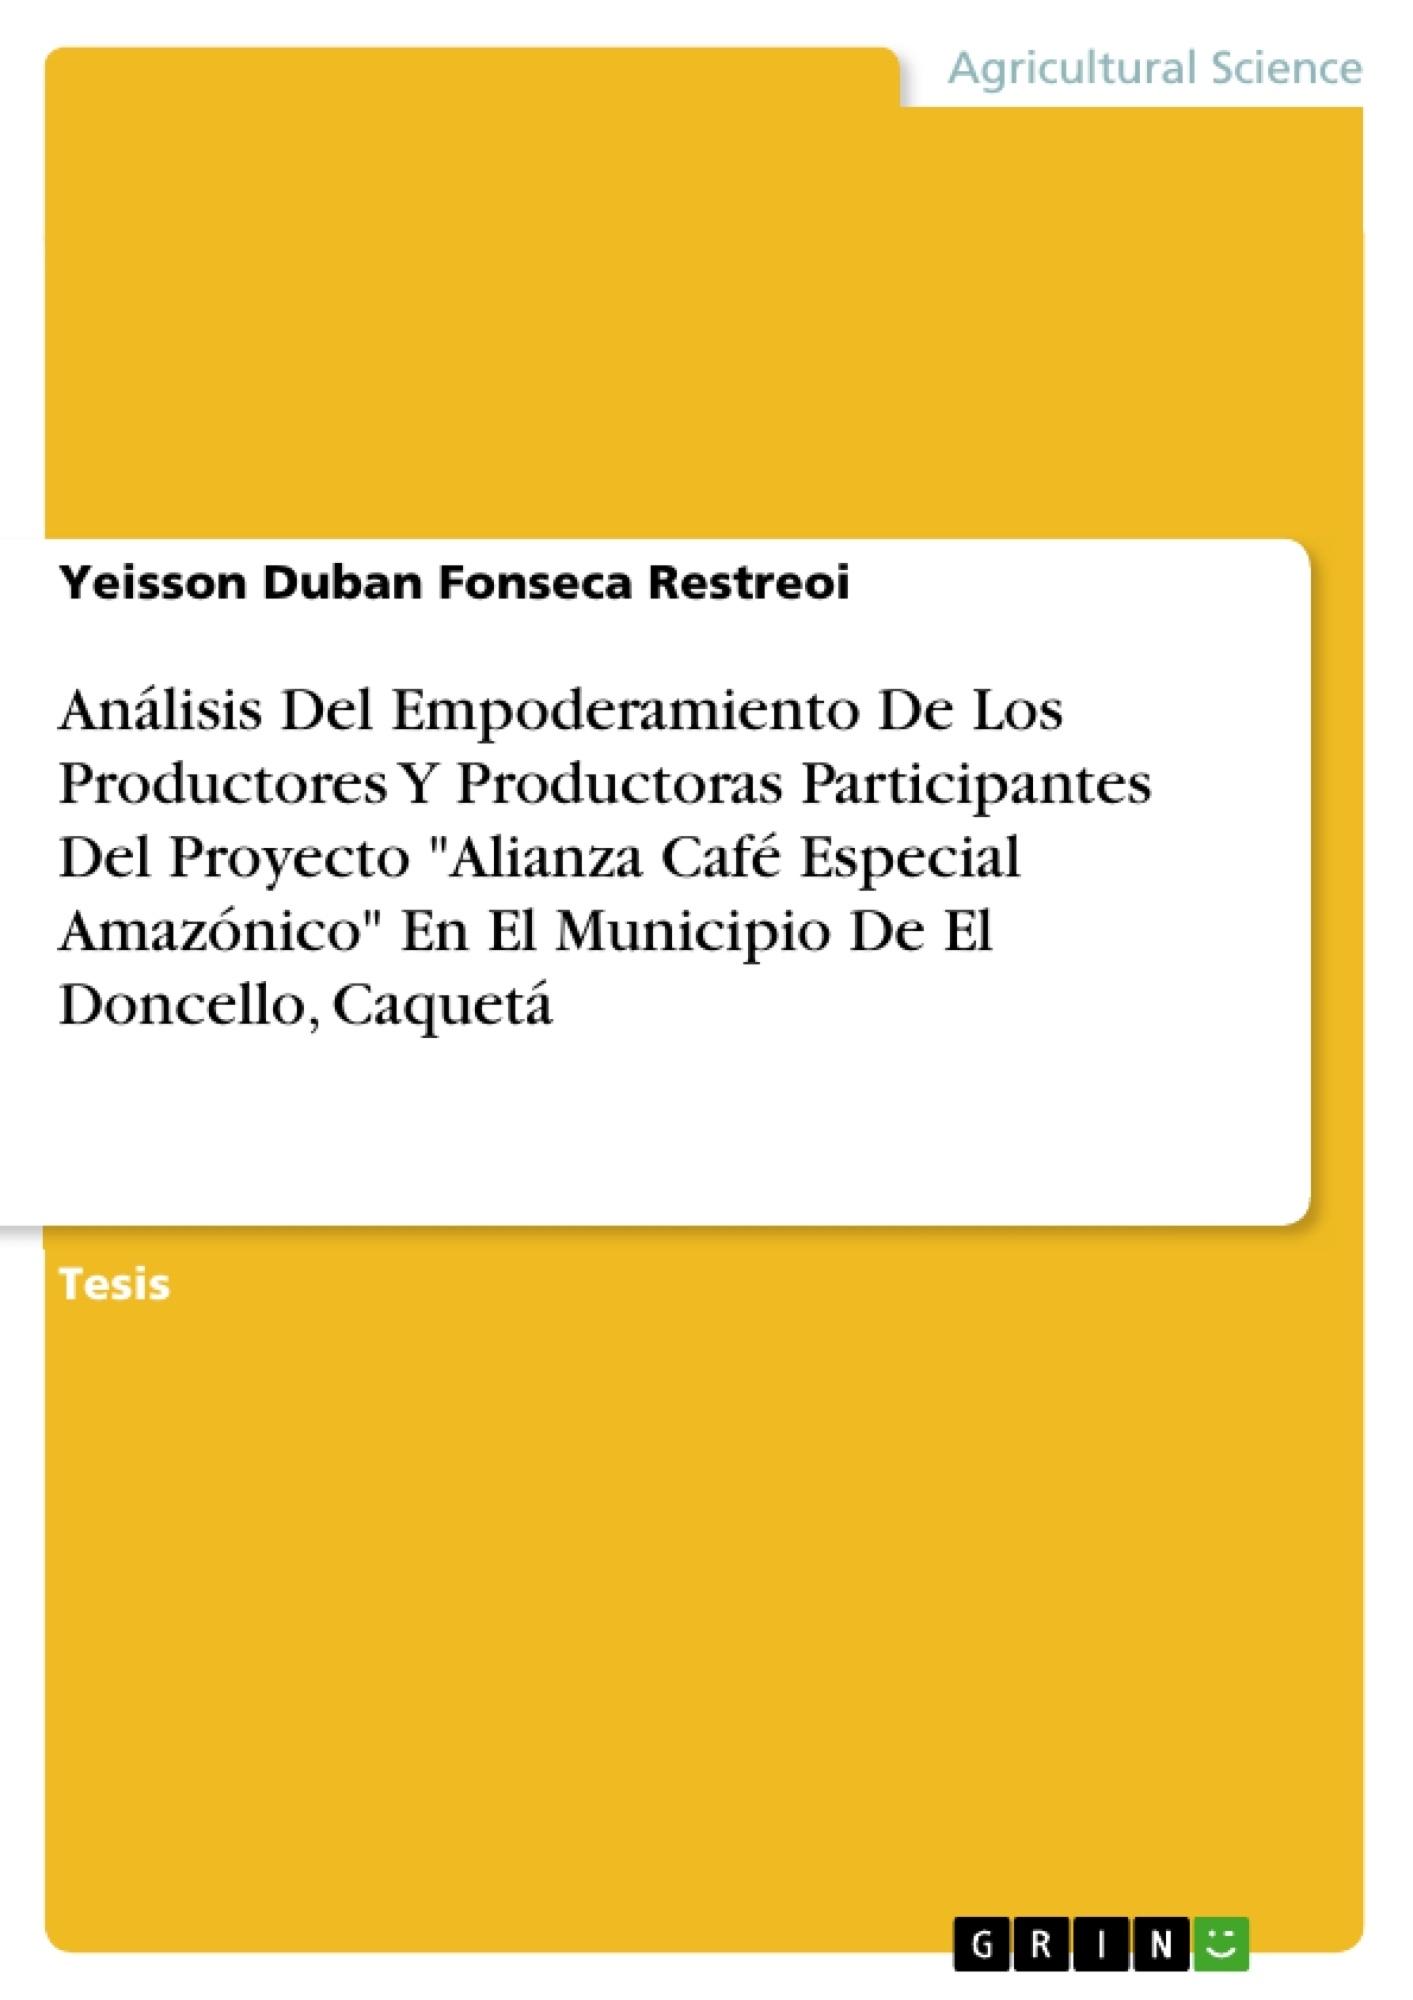 """Título: Análisis Del Empoderamiento De Los Productores Y Productoras Participantes Del Proyecto """"Alianza Café Especial Amazónico"""" En El Municipio De El Doncello, Caquetá"""